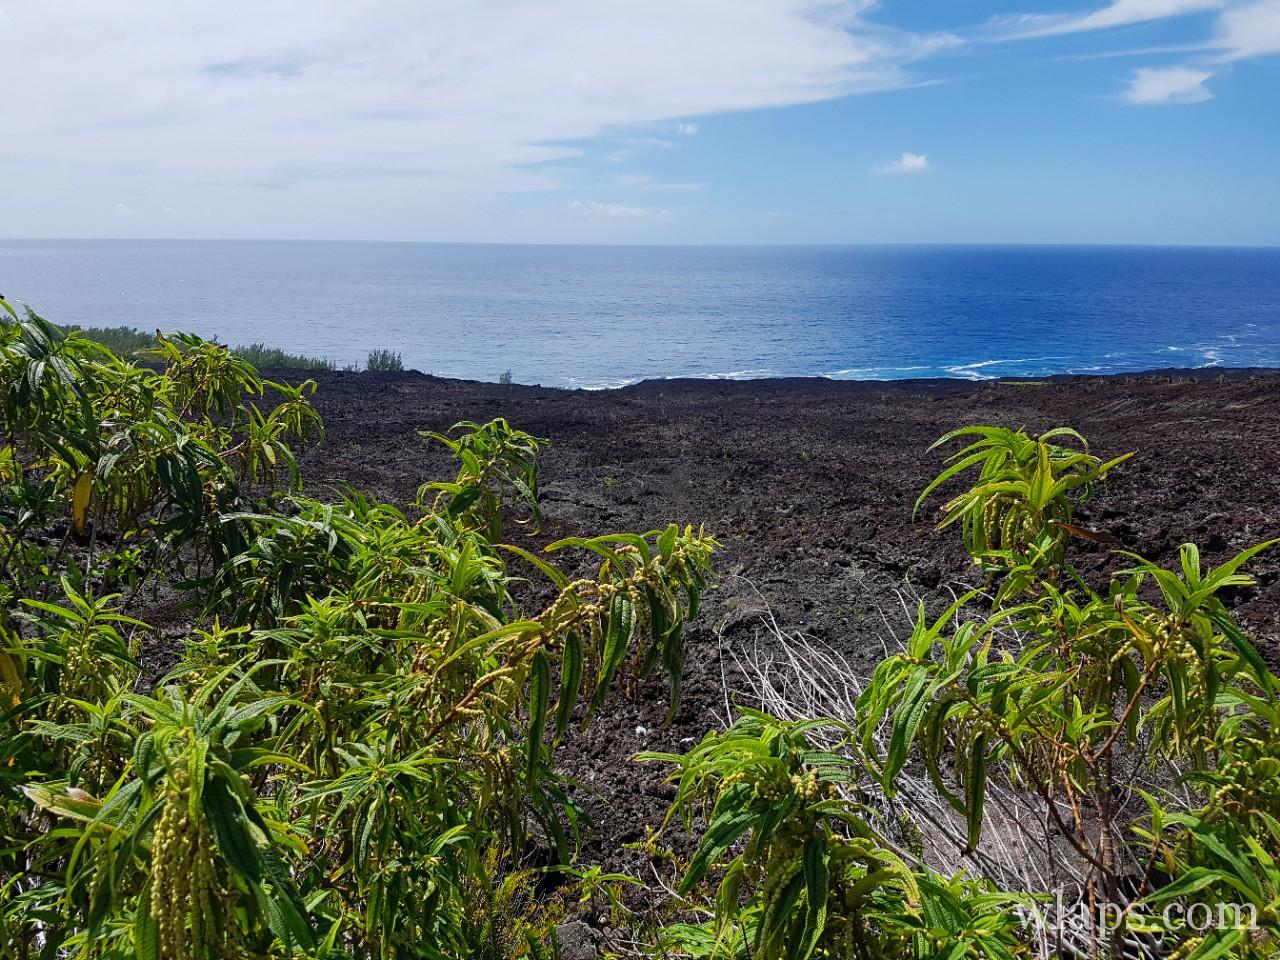 Le site de Grand Brulé à La Réunion